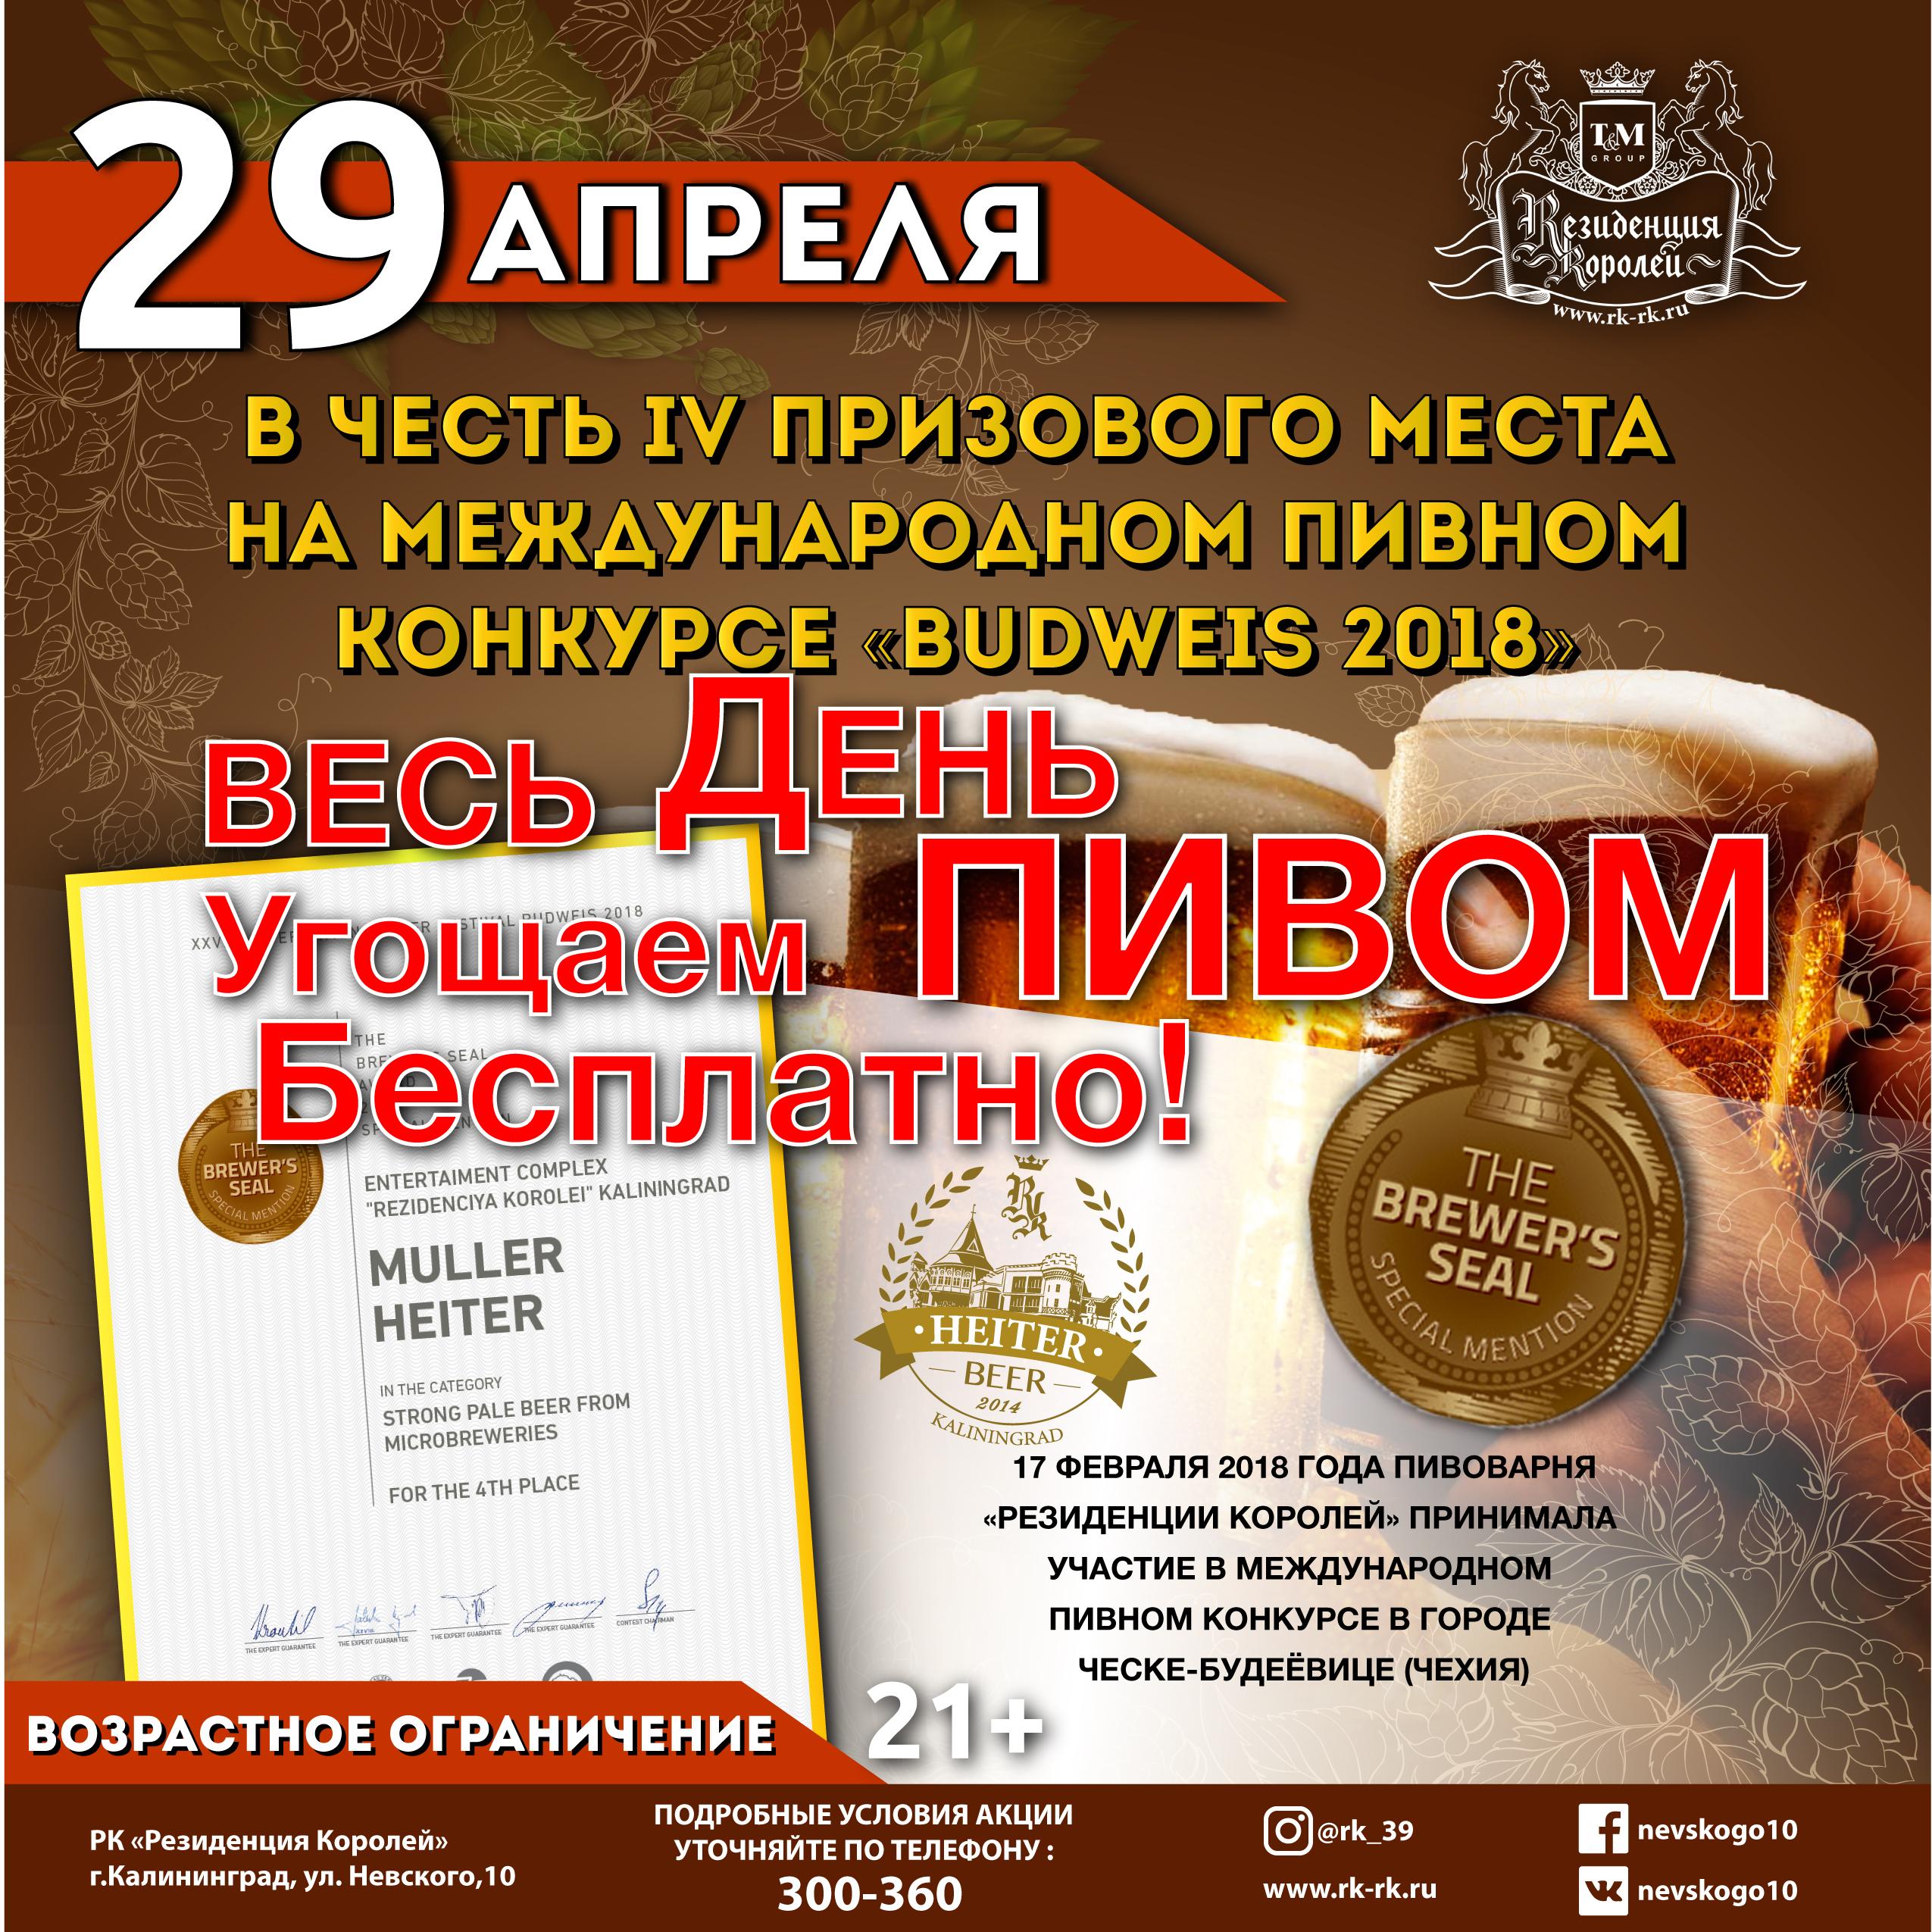 29 апреля пиво инст